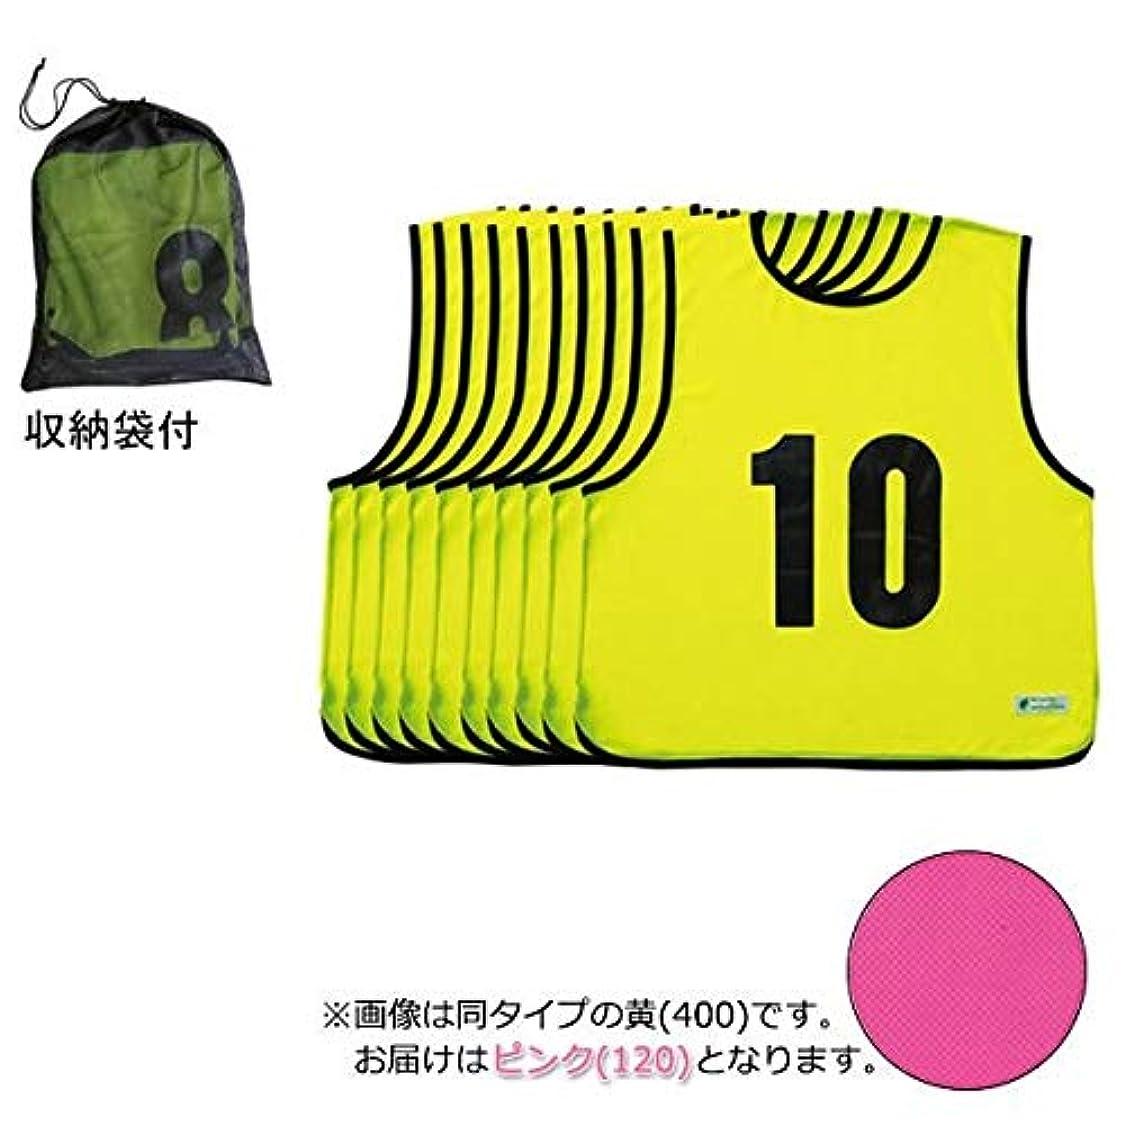 結婚するシャツジャンクションエコエムベストJr 1-10 ピンク(120) EKA903